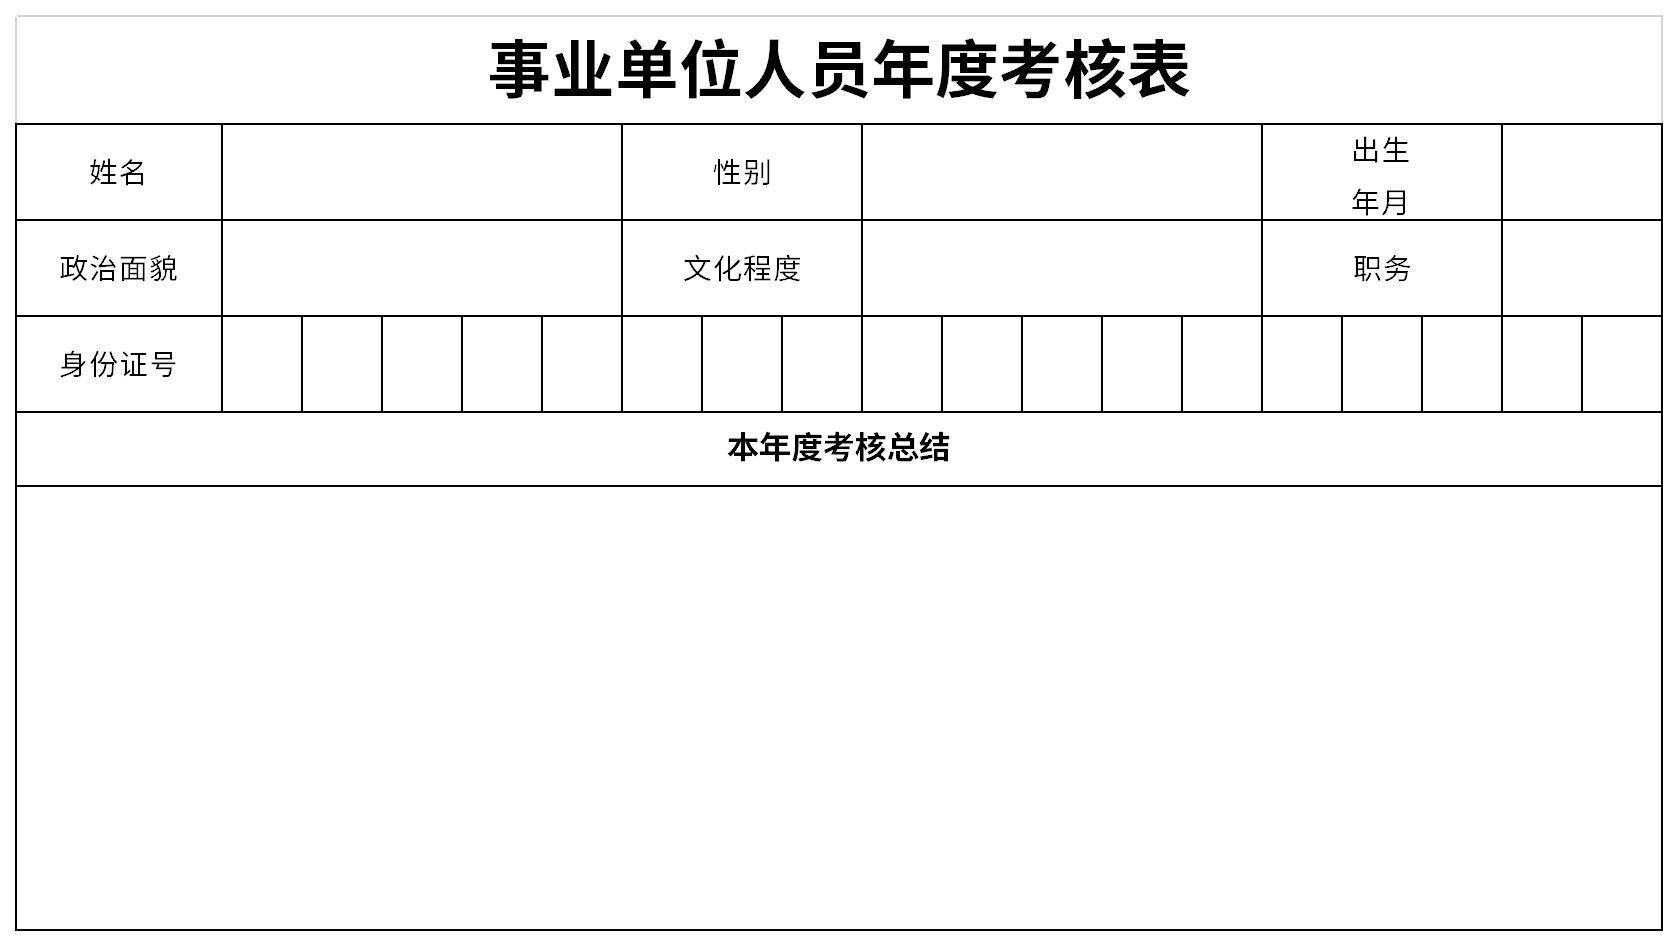 事业单位人员年度考核表截图